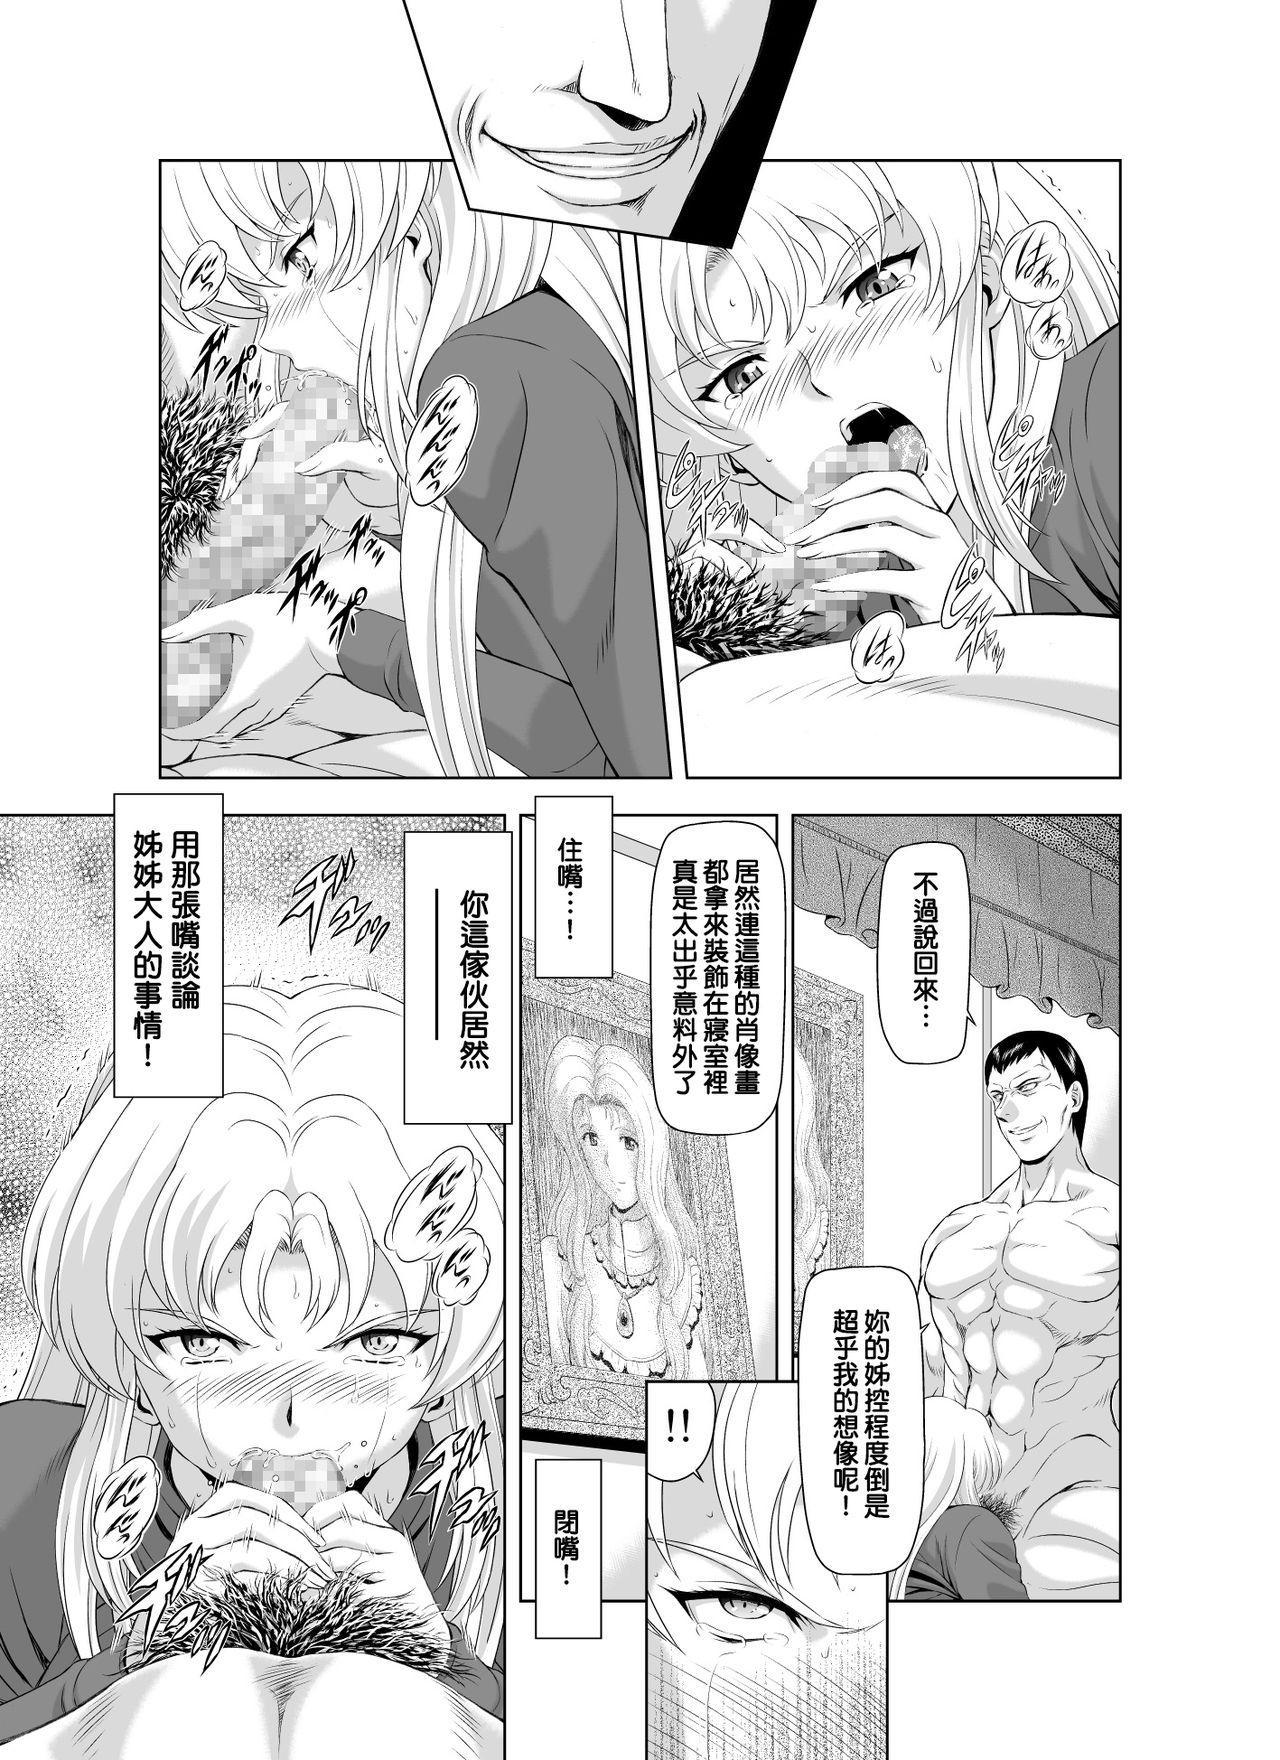 Reties no Michibiki Vol. 2 | 蕾蒂絲的引導 Vol. 2 15